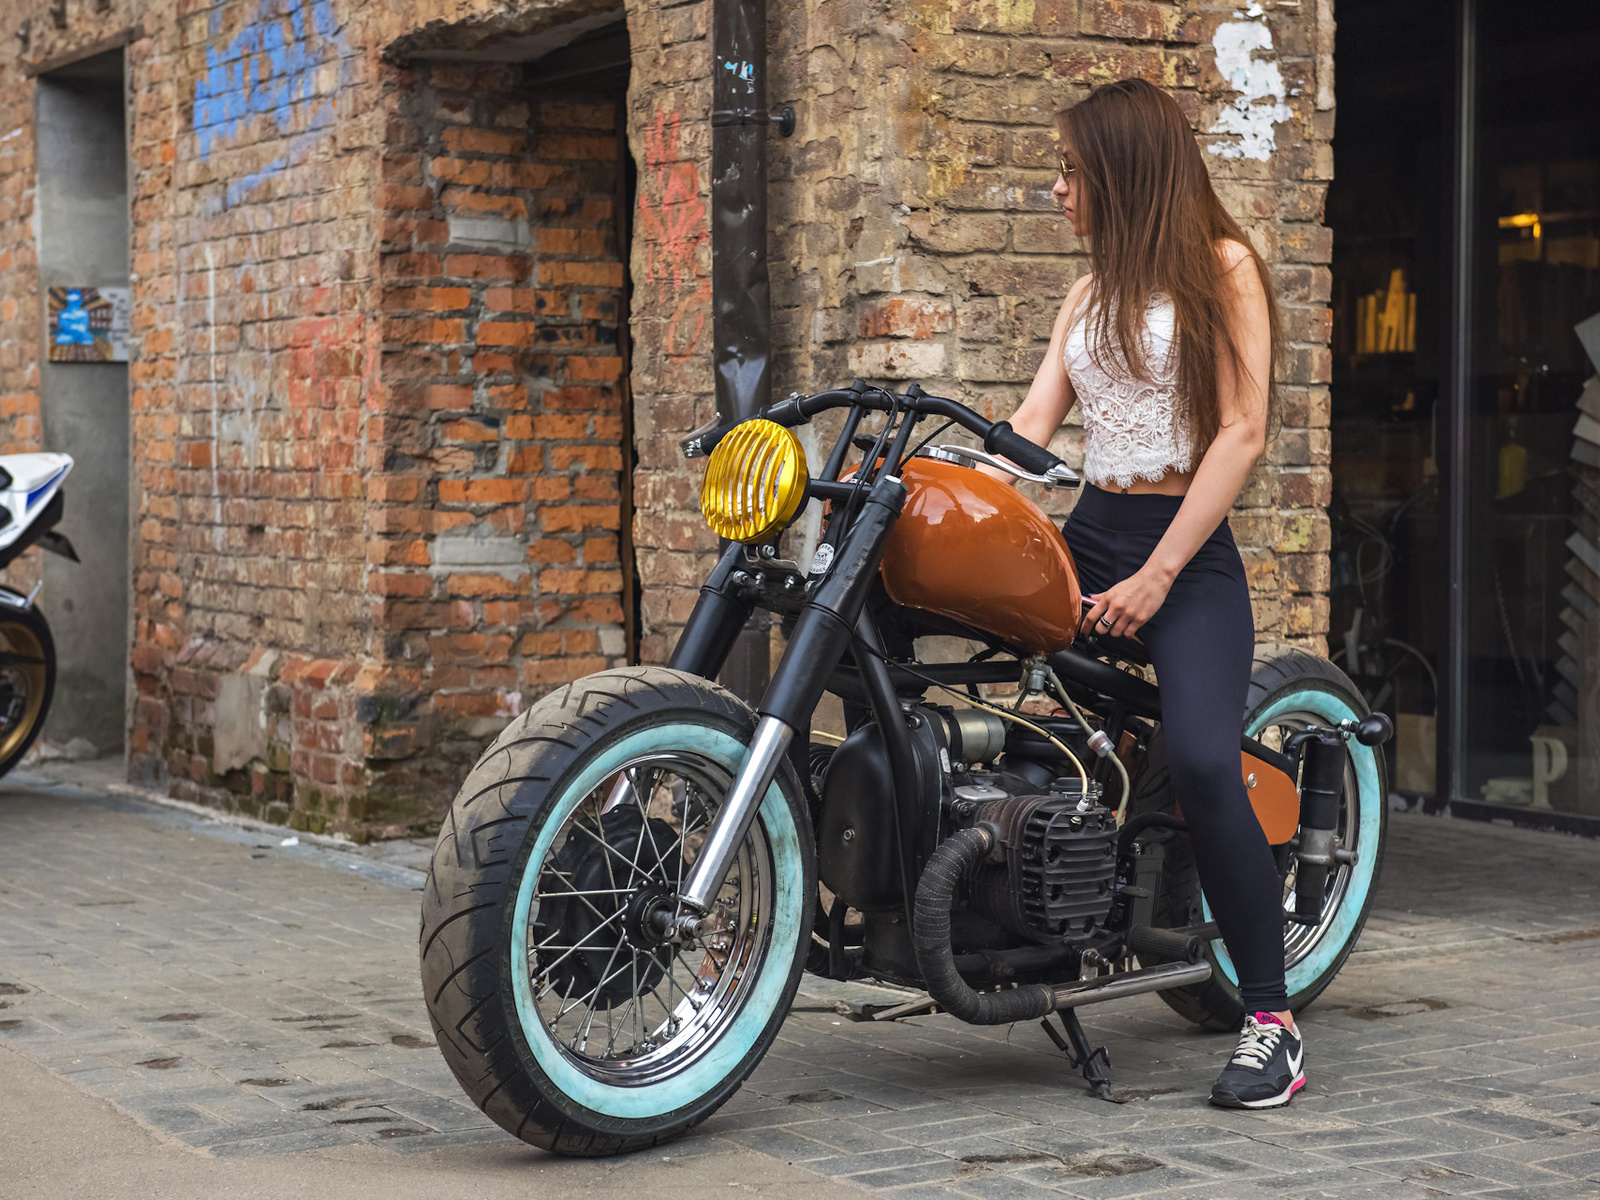 мотоцикл, девушка, улица